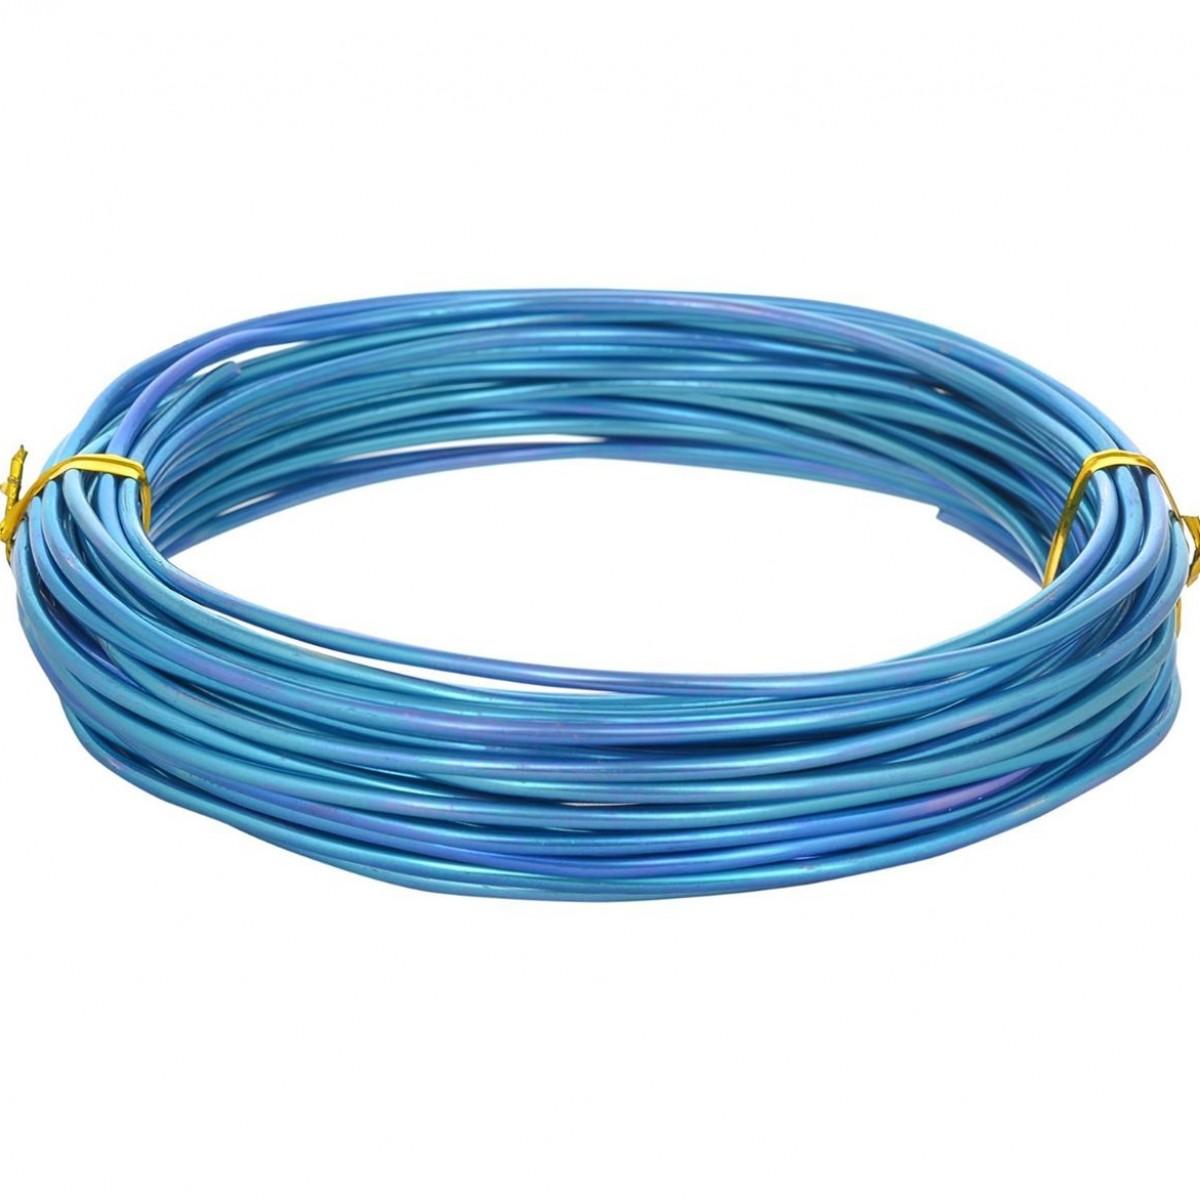 Aluminium Wire Turquoise 12guage 250mtr 5 Nos